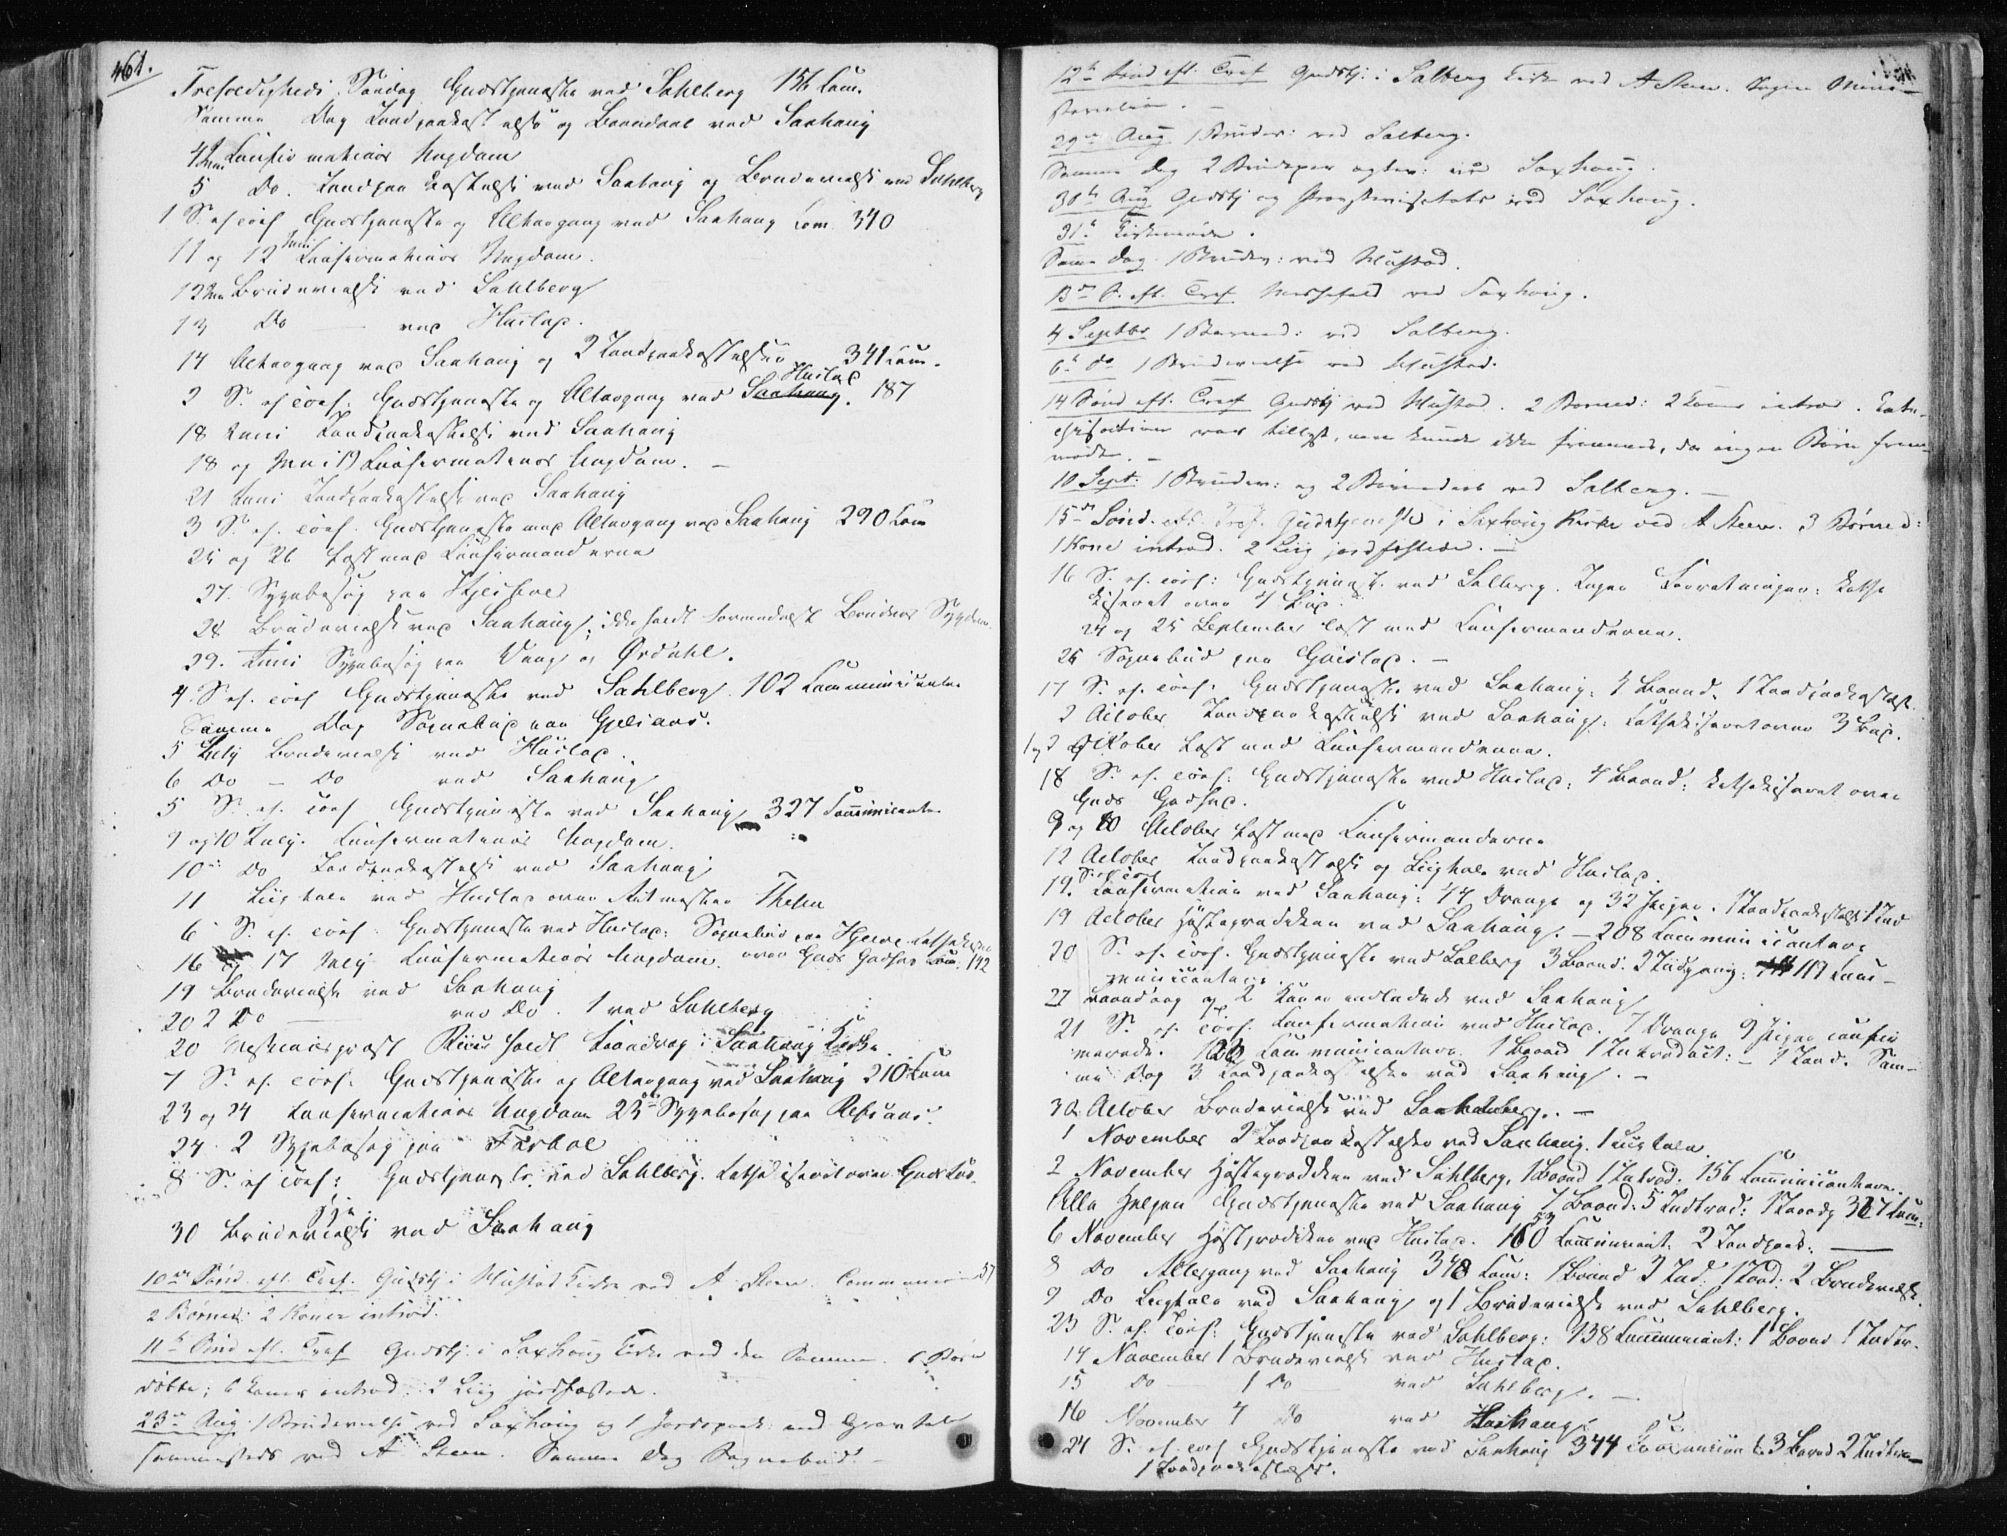 SAT, Ministerialprotokoller, klokkerbøker og fødselsregistre - Nord-Trøndelag, 730/L0280: Ministerialbok nr. 730A07 /1, 1840-1854, s. 461